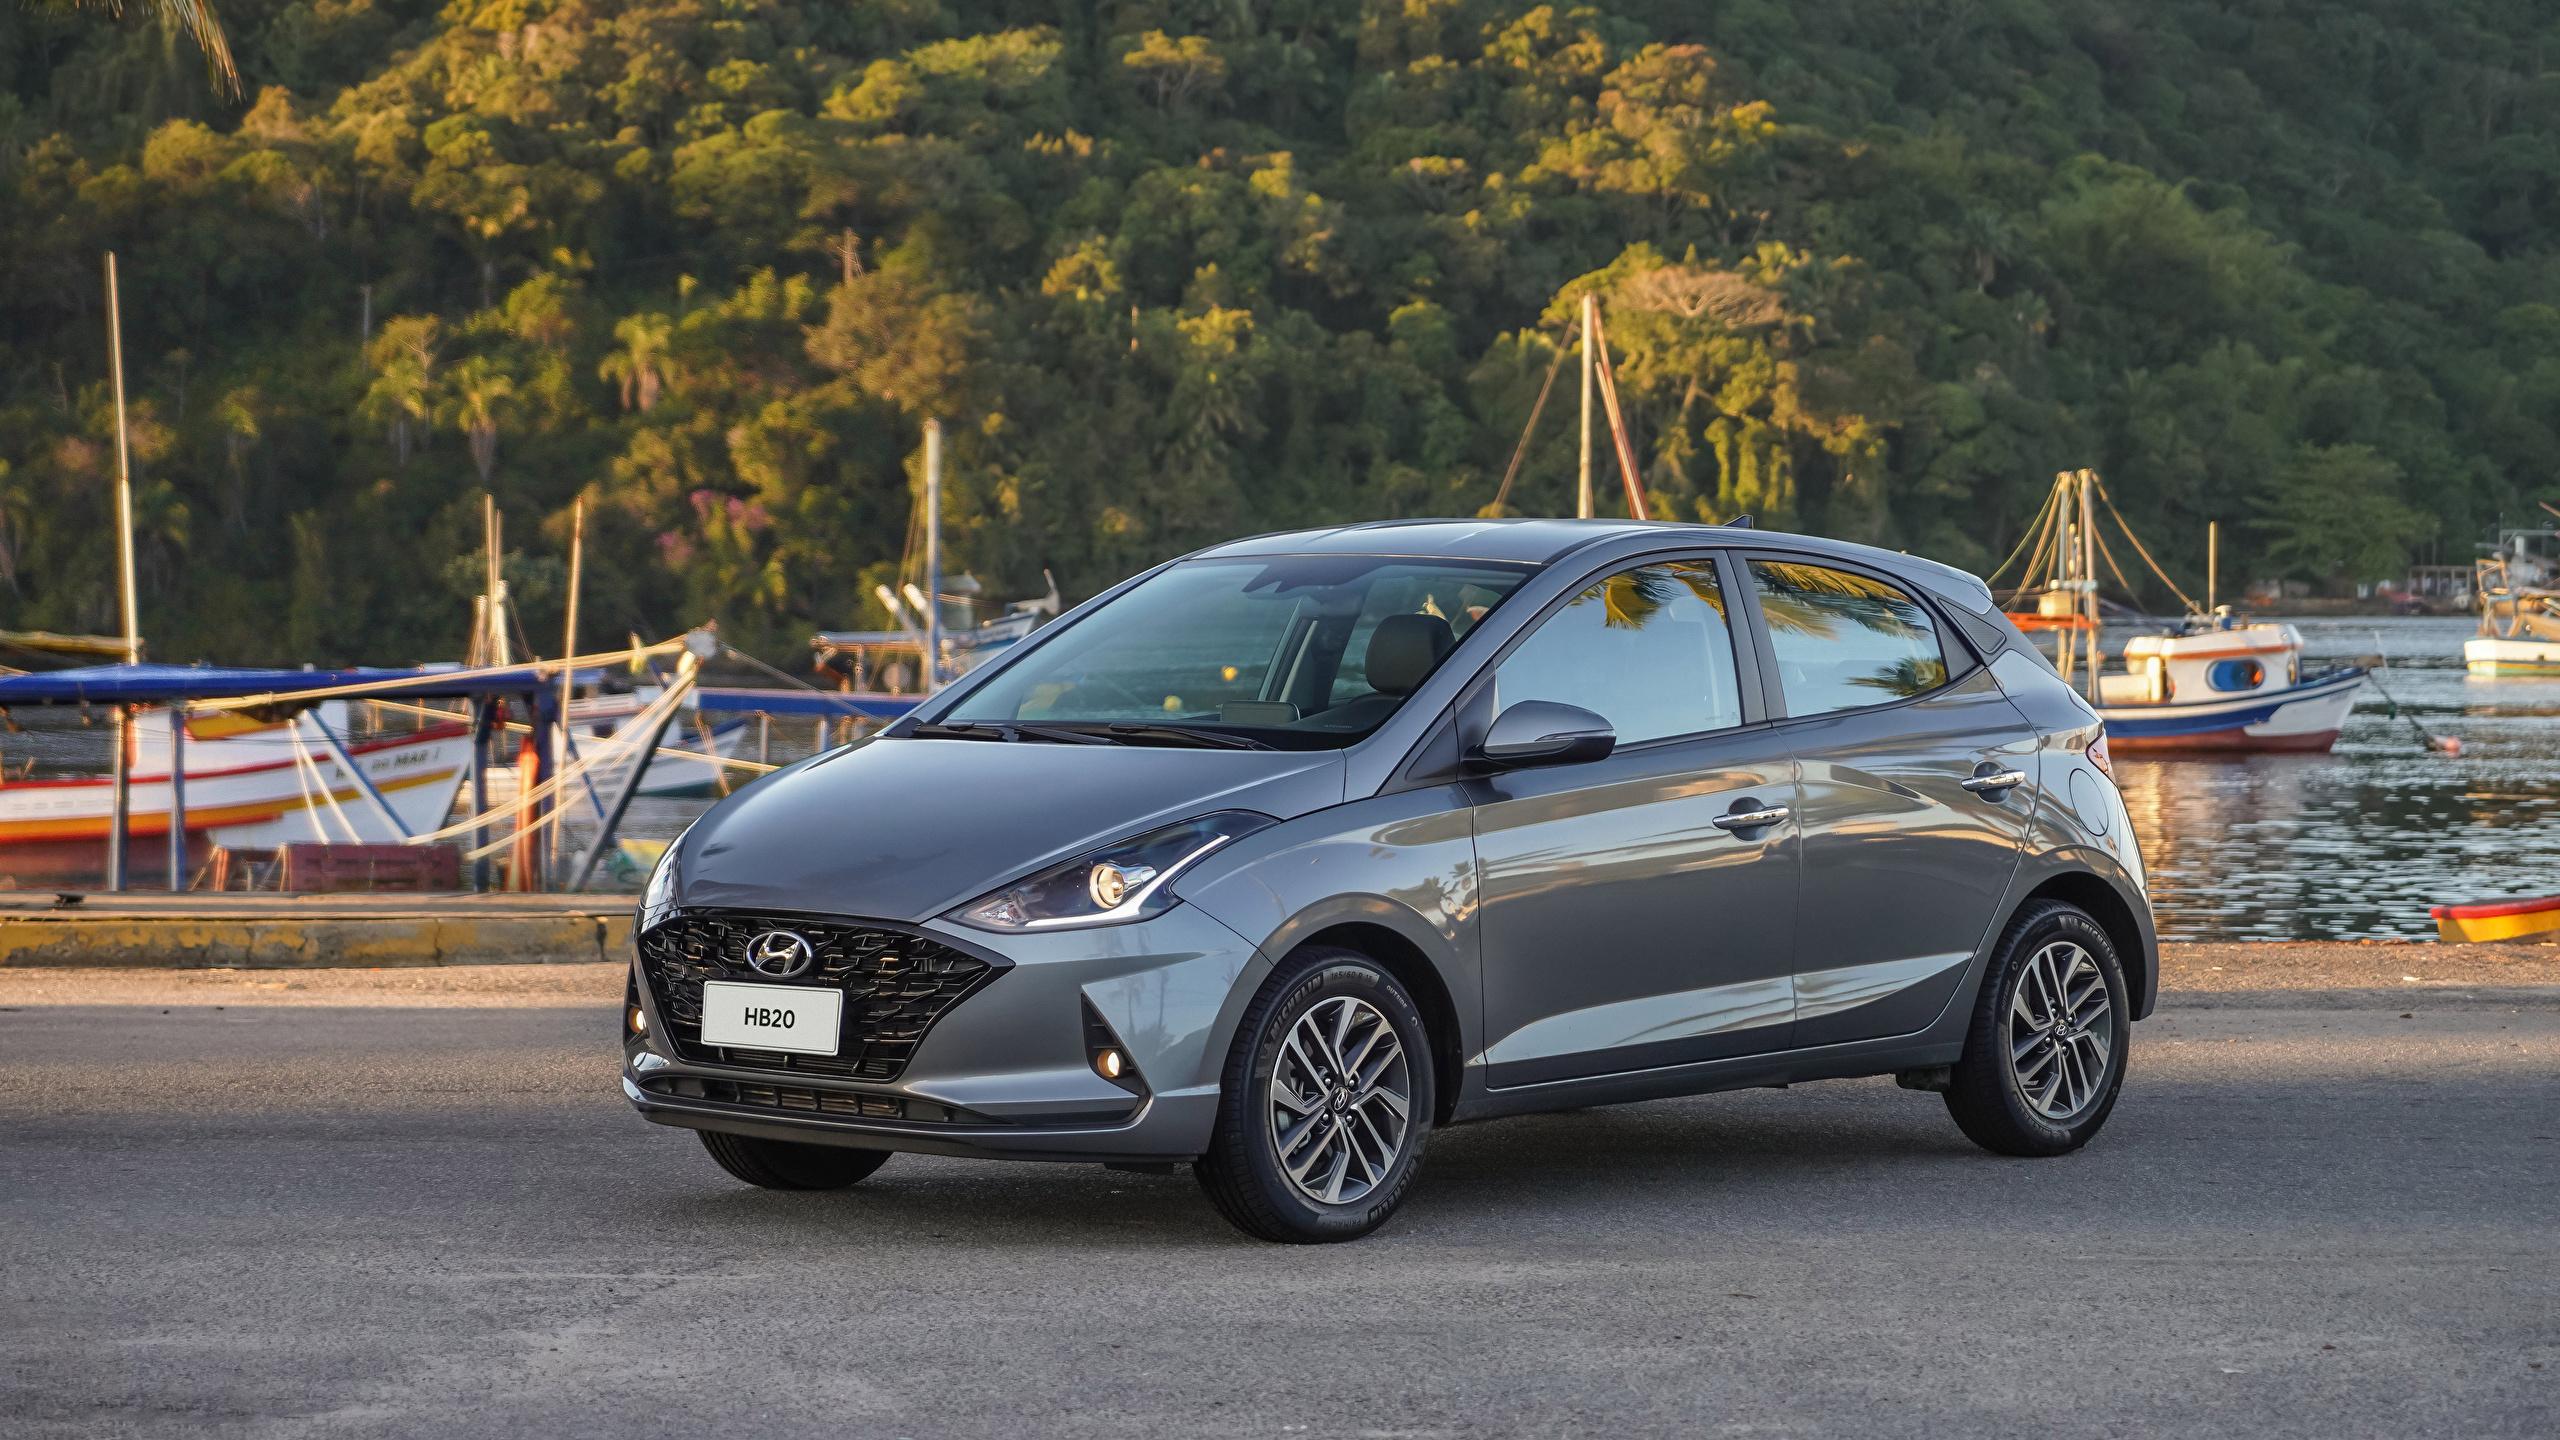 Картинка Hyundai HB20 Diamond Plus, 2020 серые Металлик автомобиль 2560x1440 Хендай серая Серый авто машины машина Автомобили